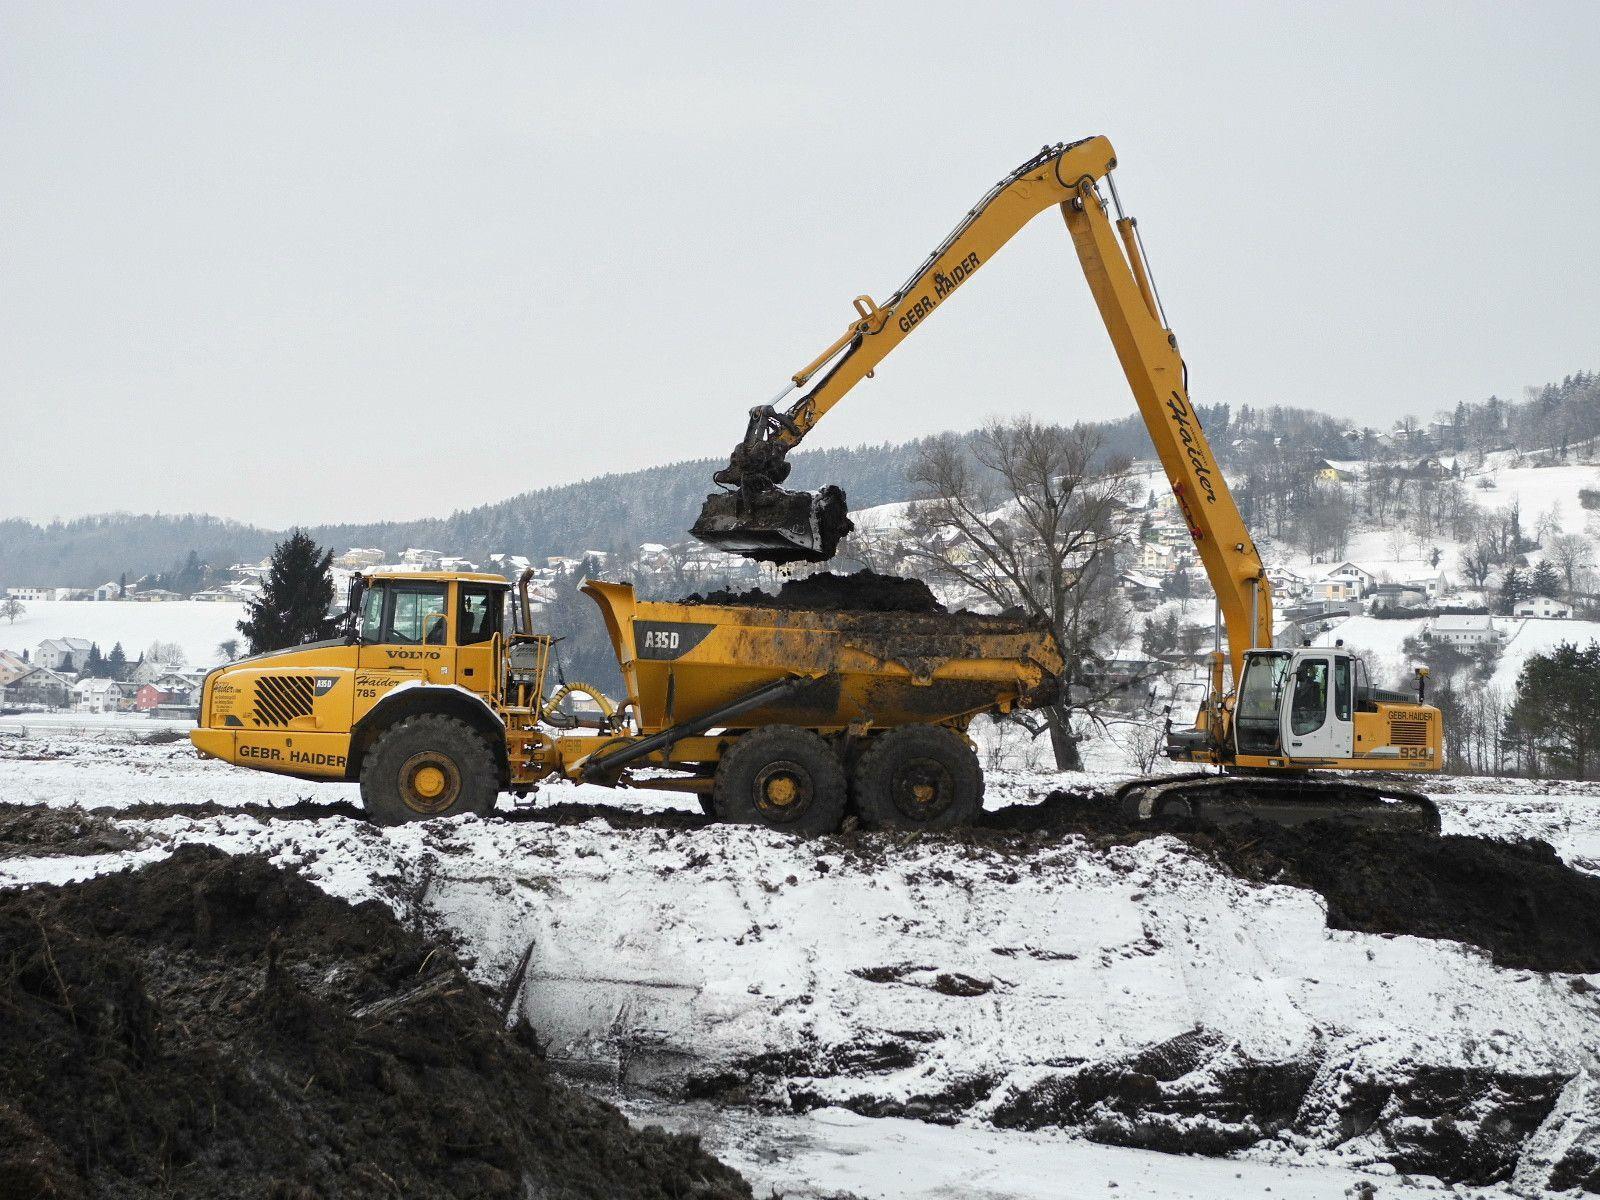 Die extreme Kälte bietet den Baggern und LKW optimale Arbeitsbedingungen